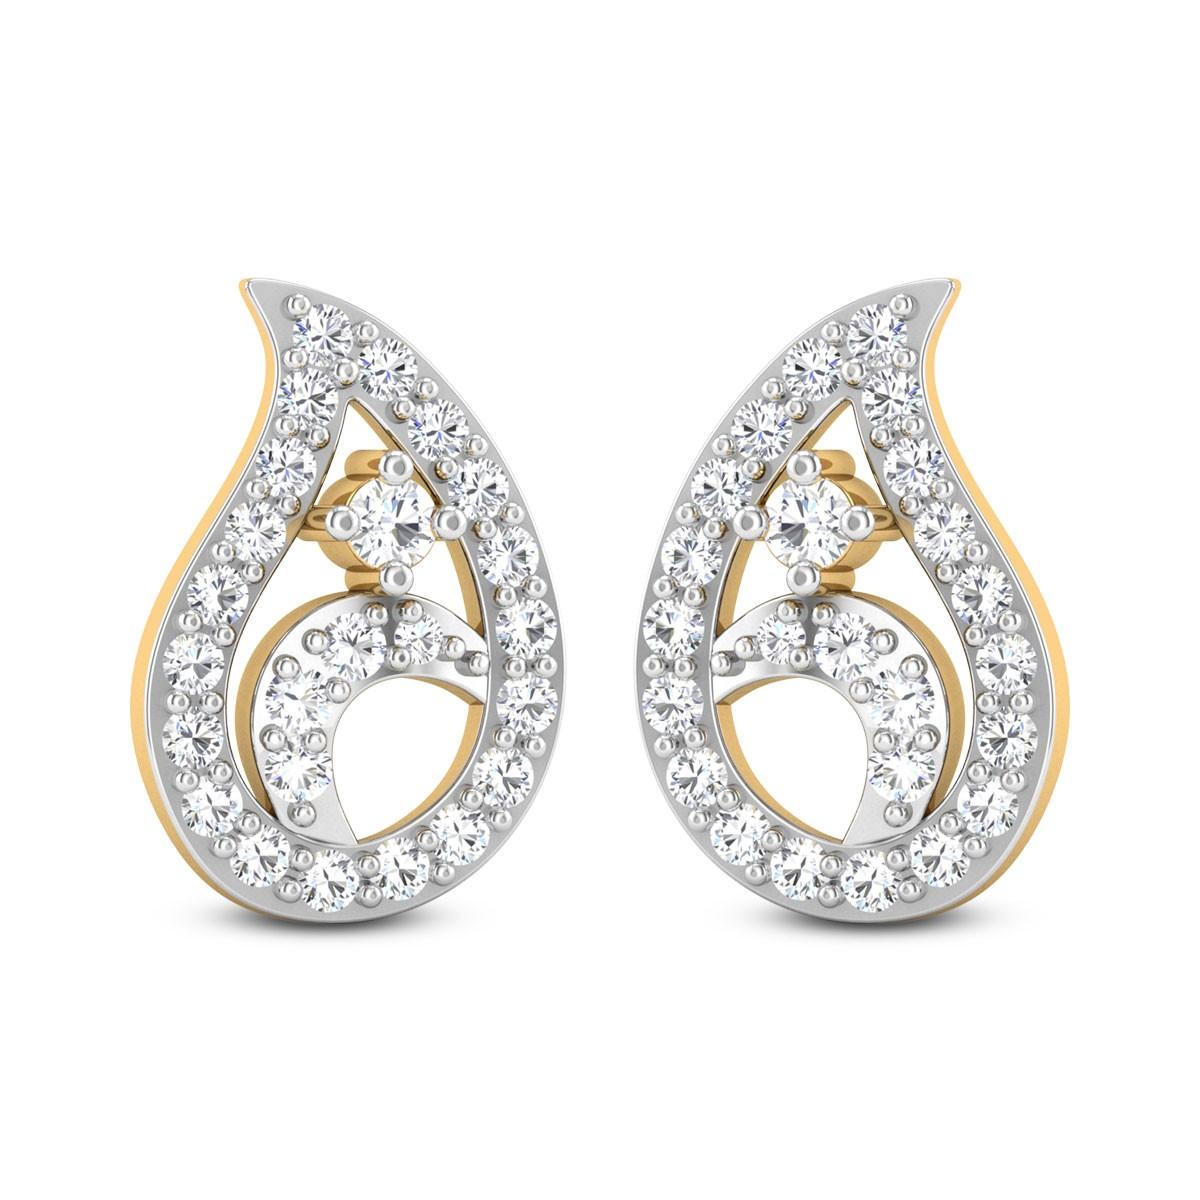 Fleur Paisley Diamond Stud Earrings